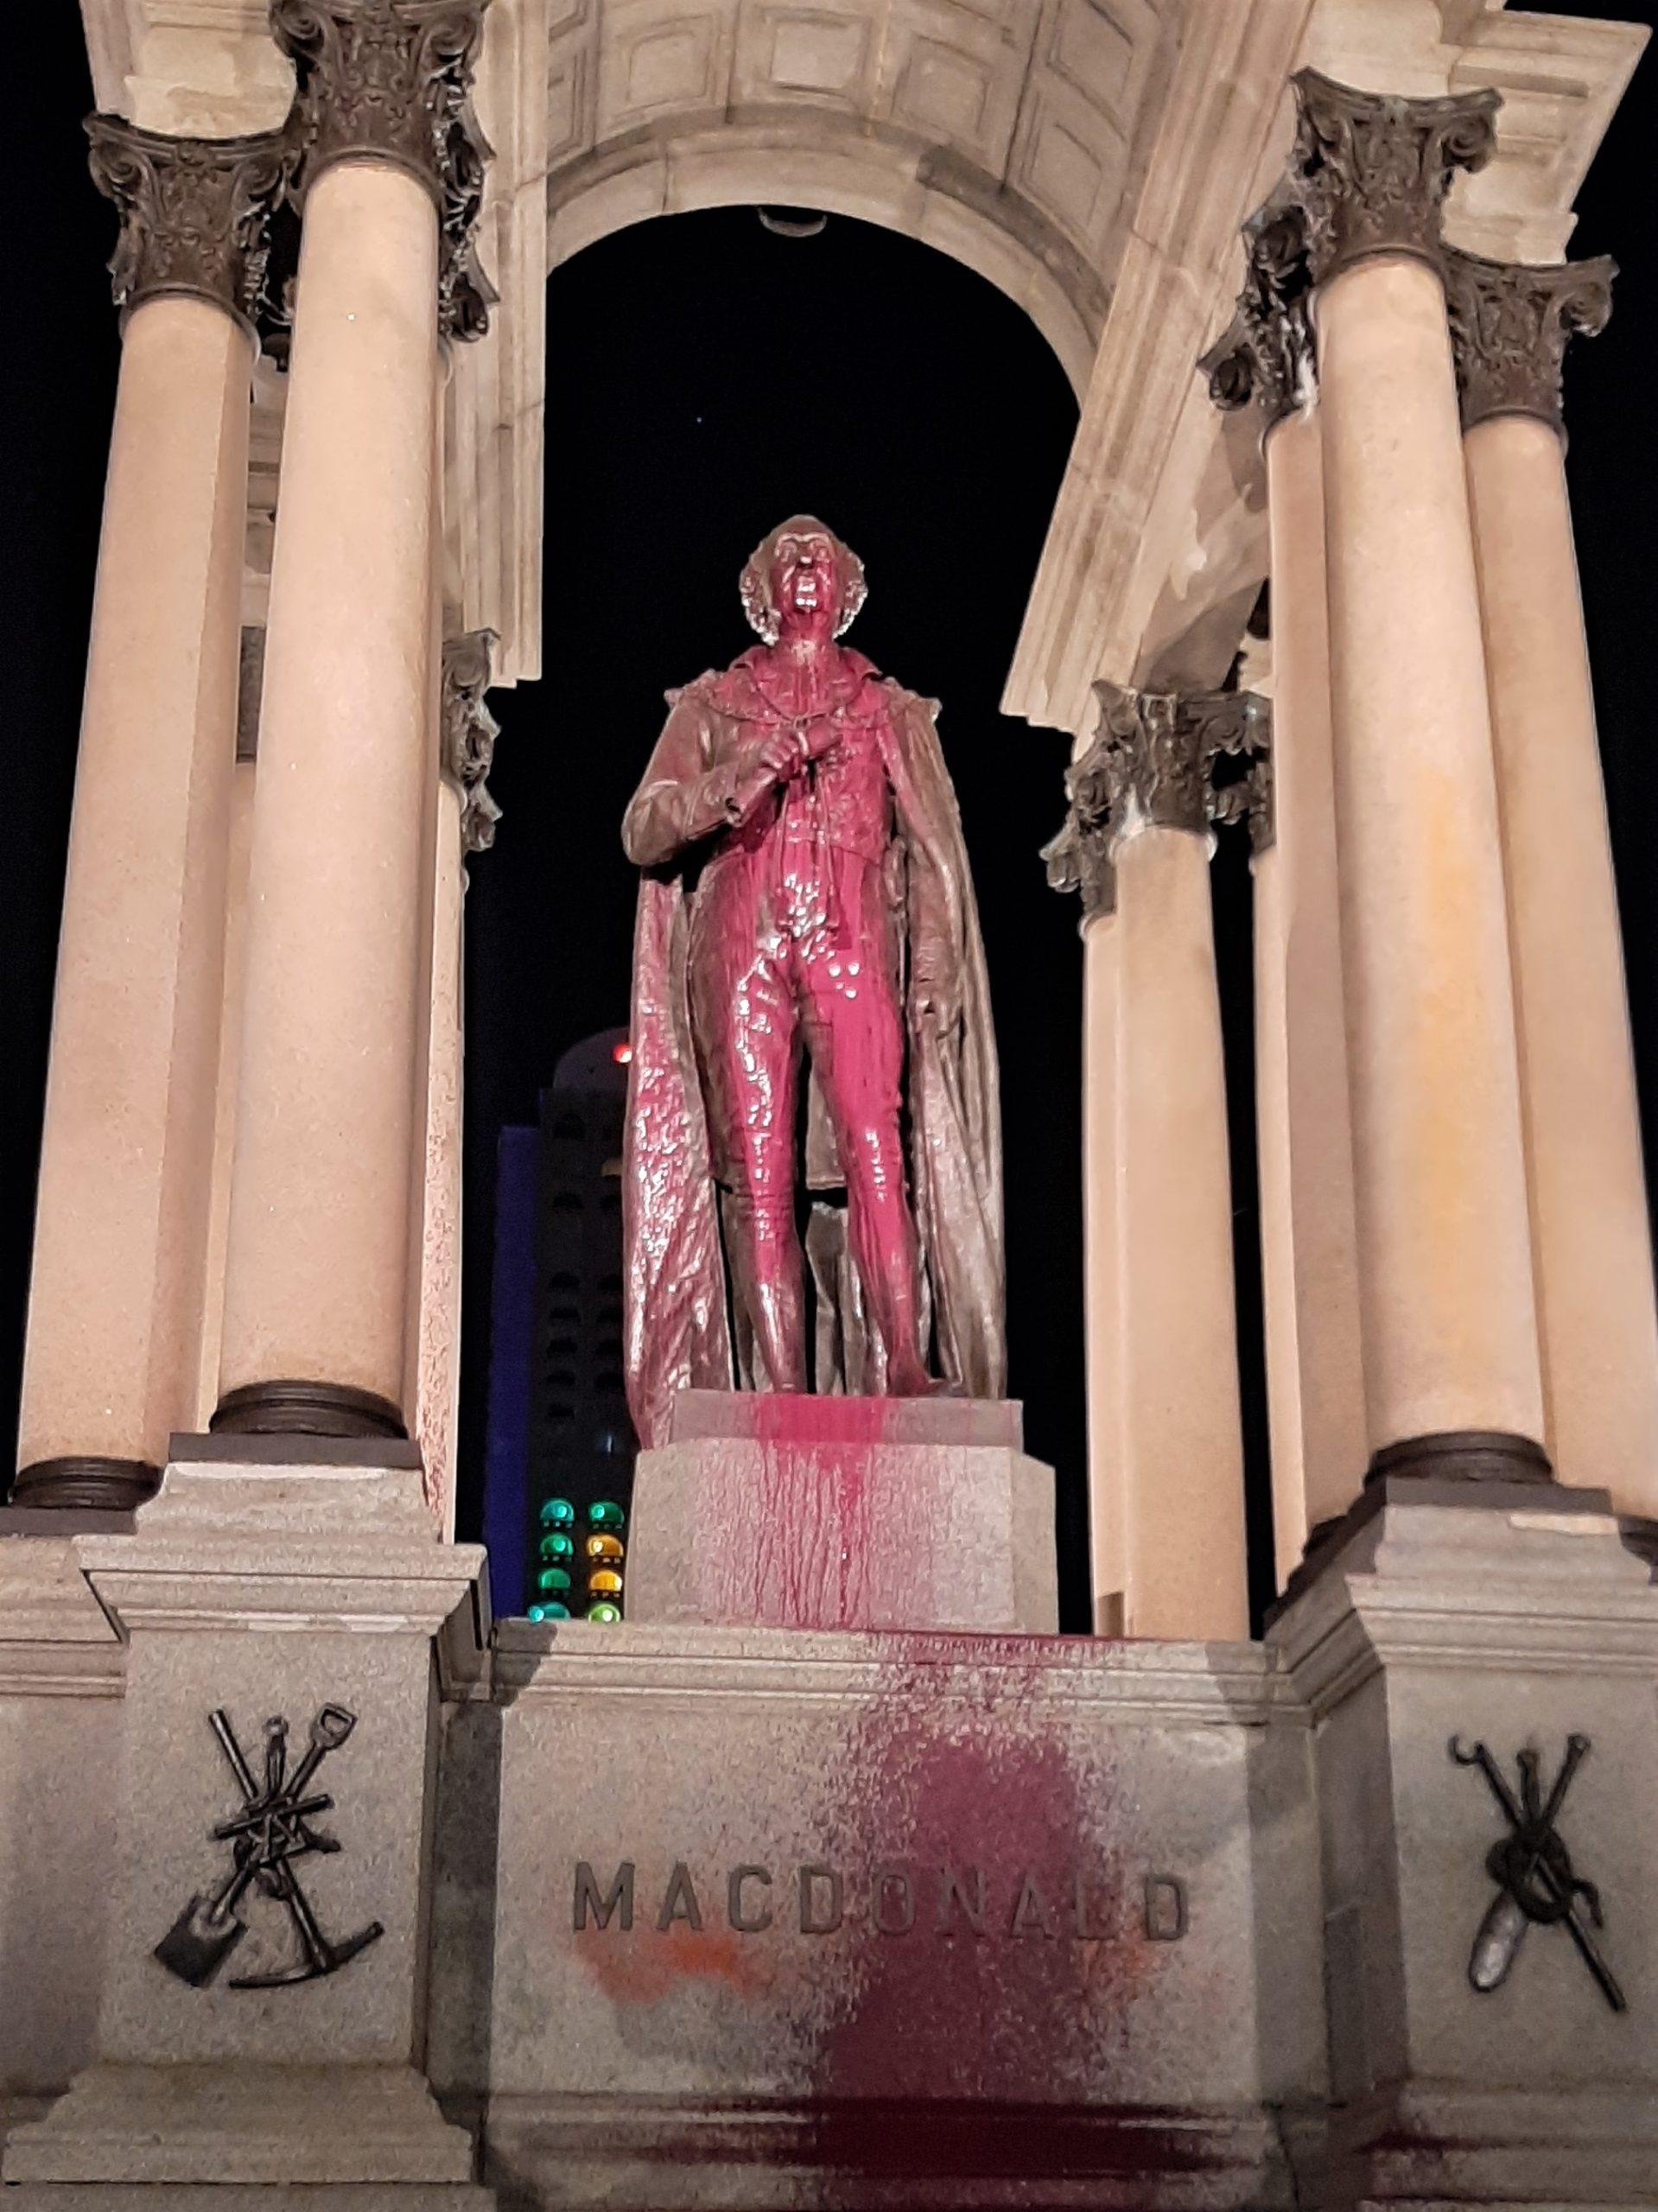 Le monument raciste de John A. Macdonald vandalisé avec de la peinture